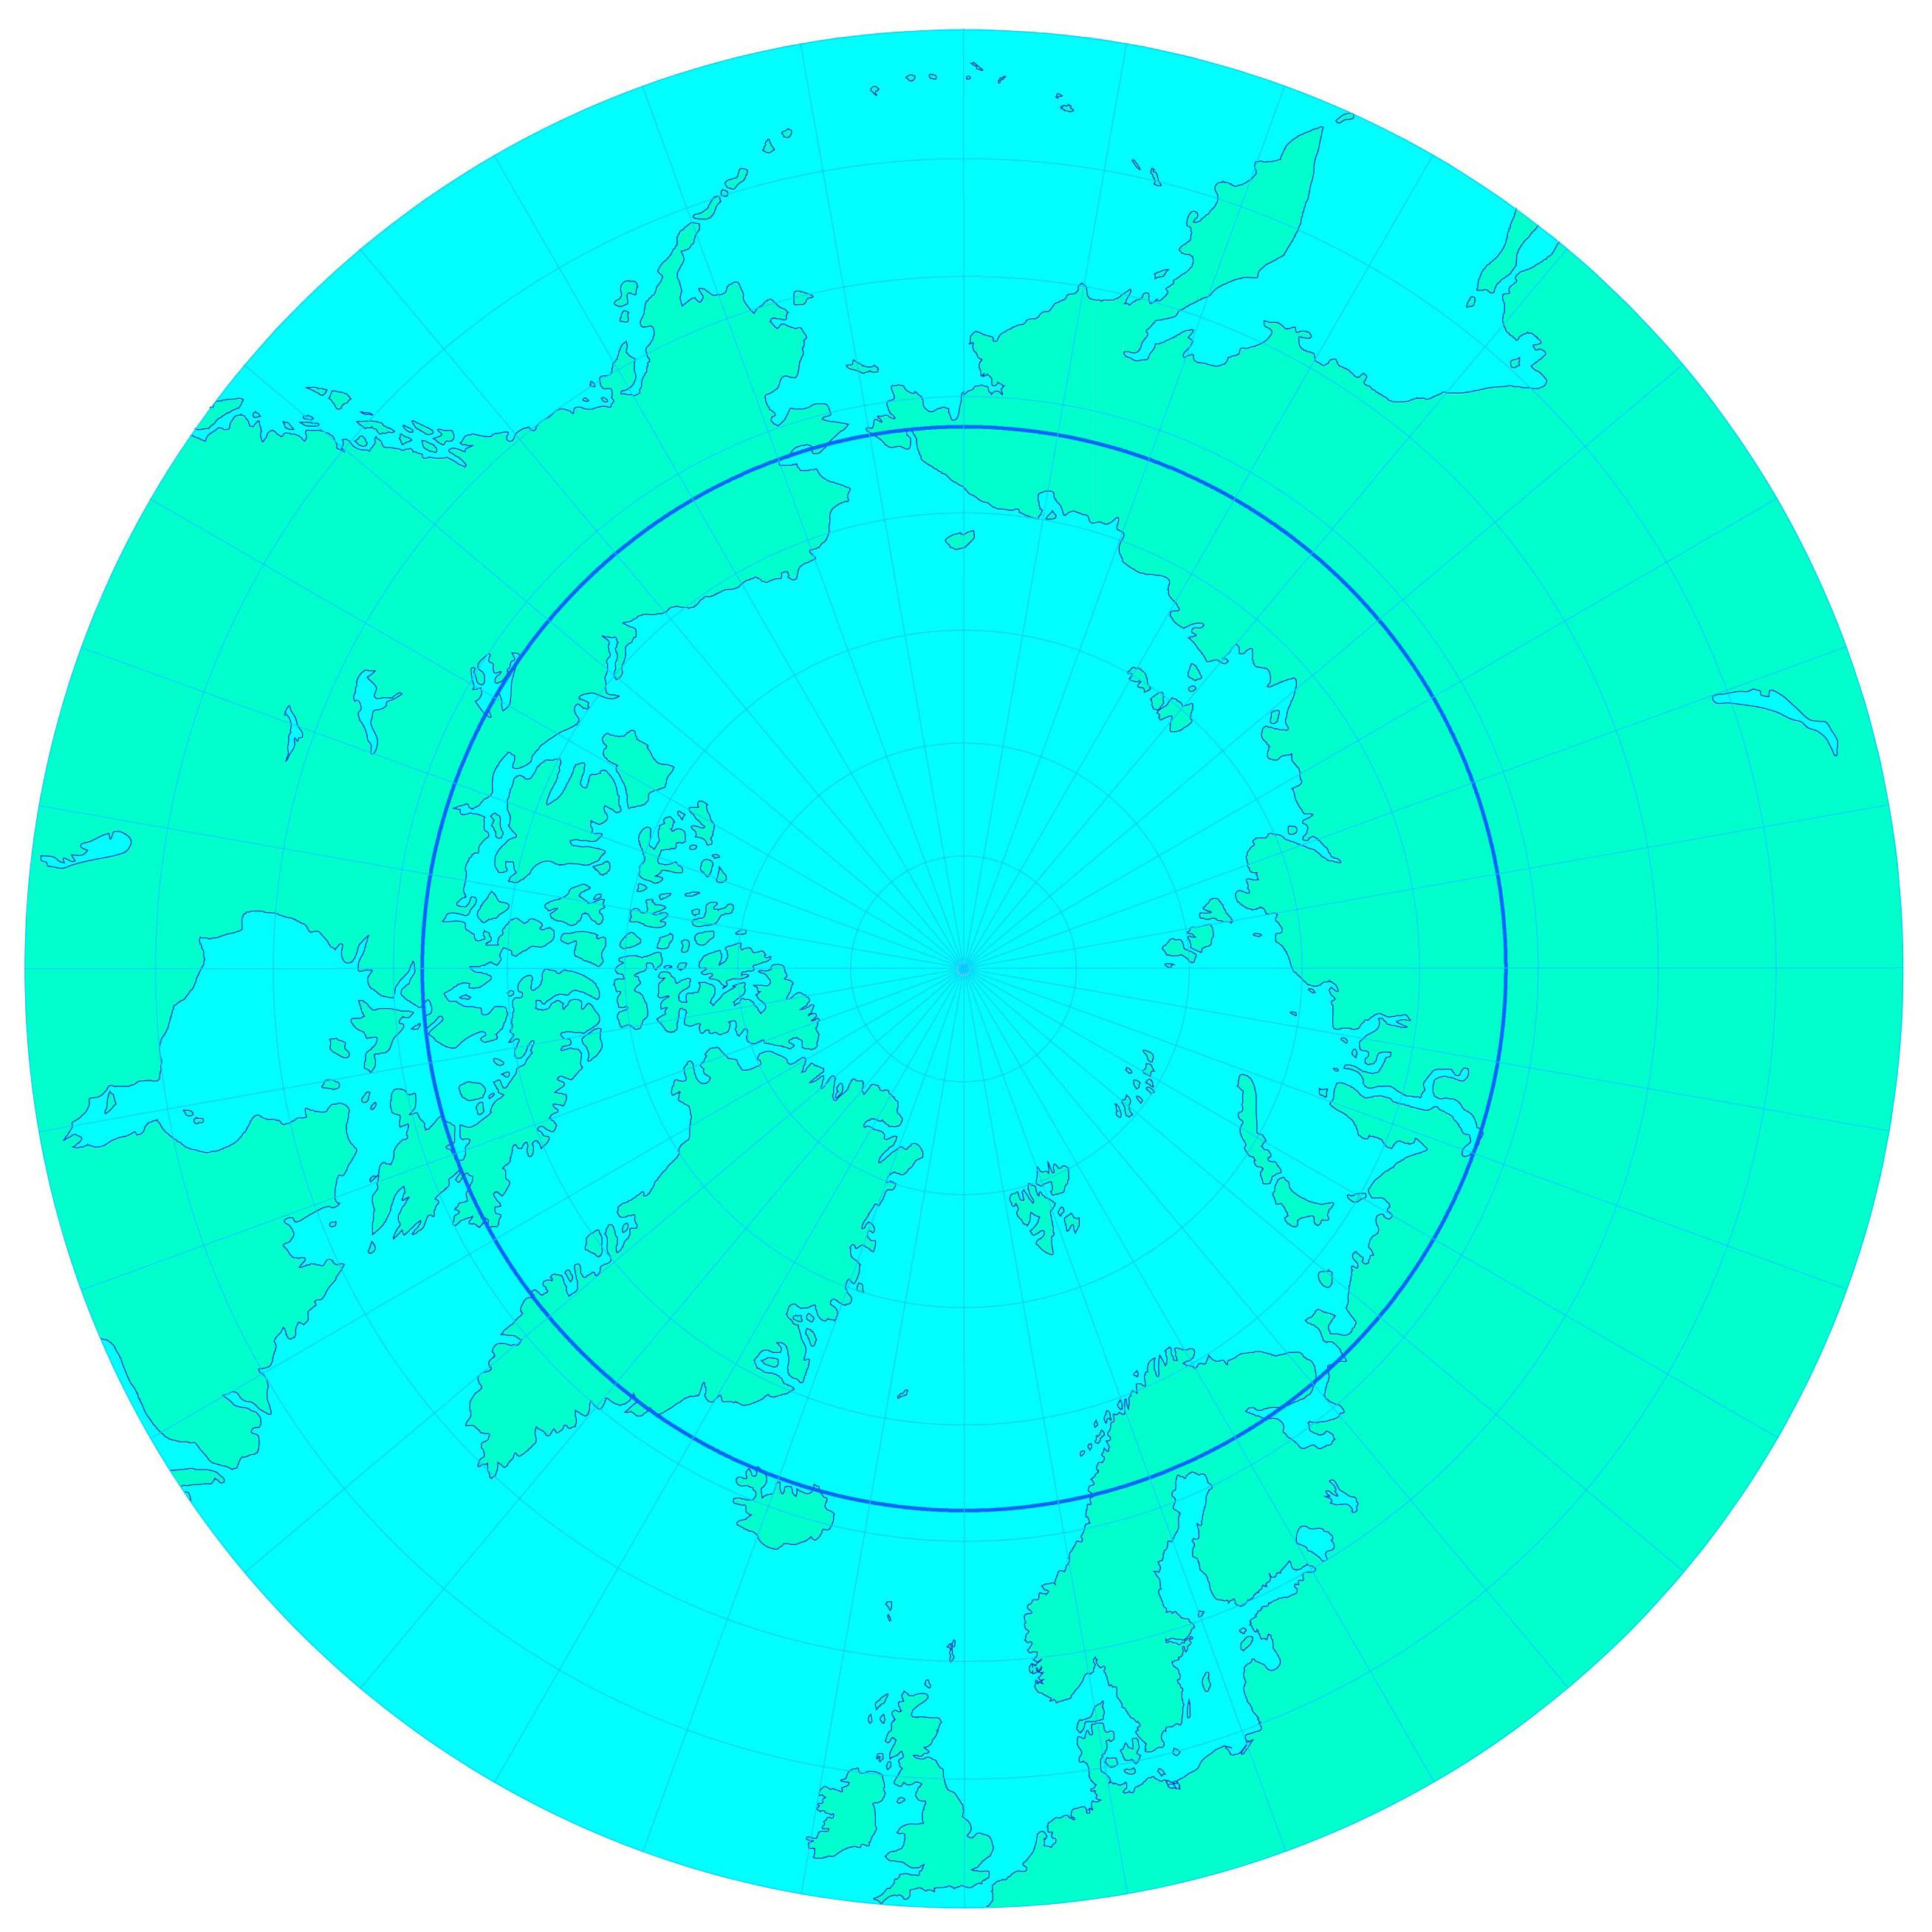 Karta över Arktis. Illustrerad av Serge Martynov.